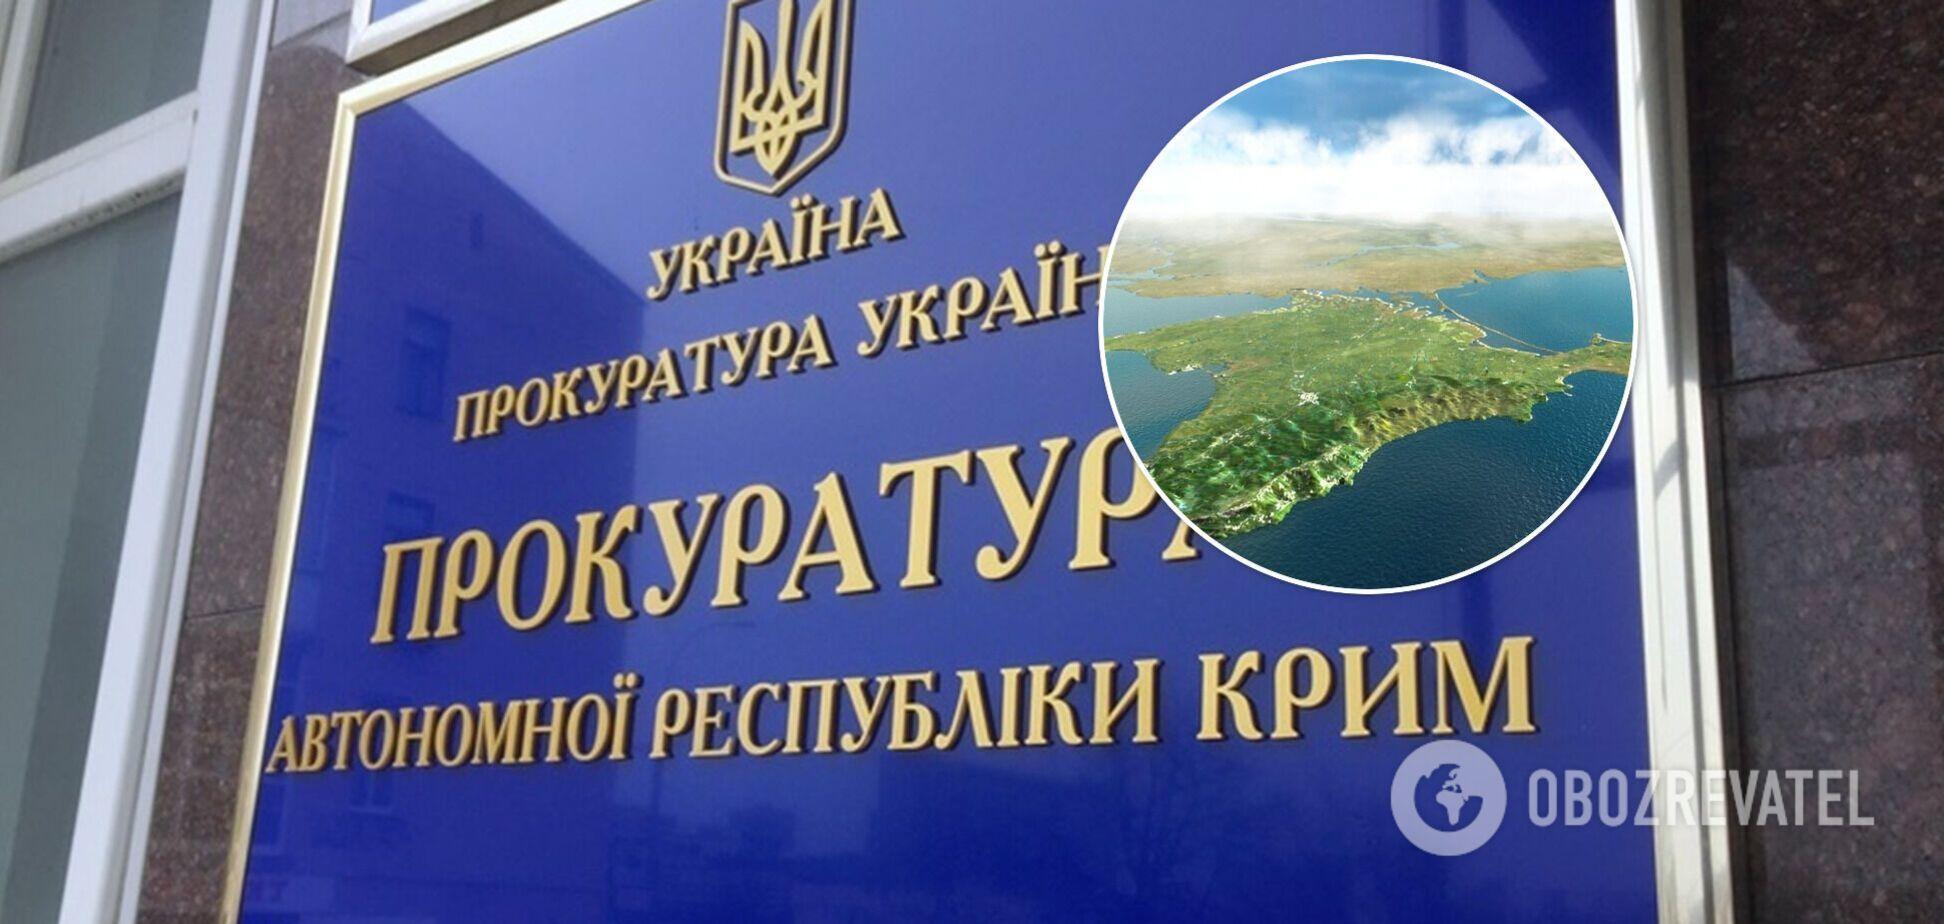 Як захистити свою землю в Криму: з'явилася докладна інструкція